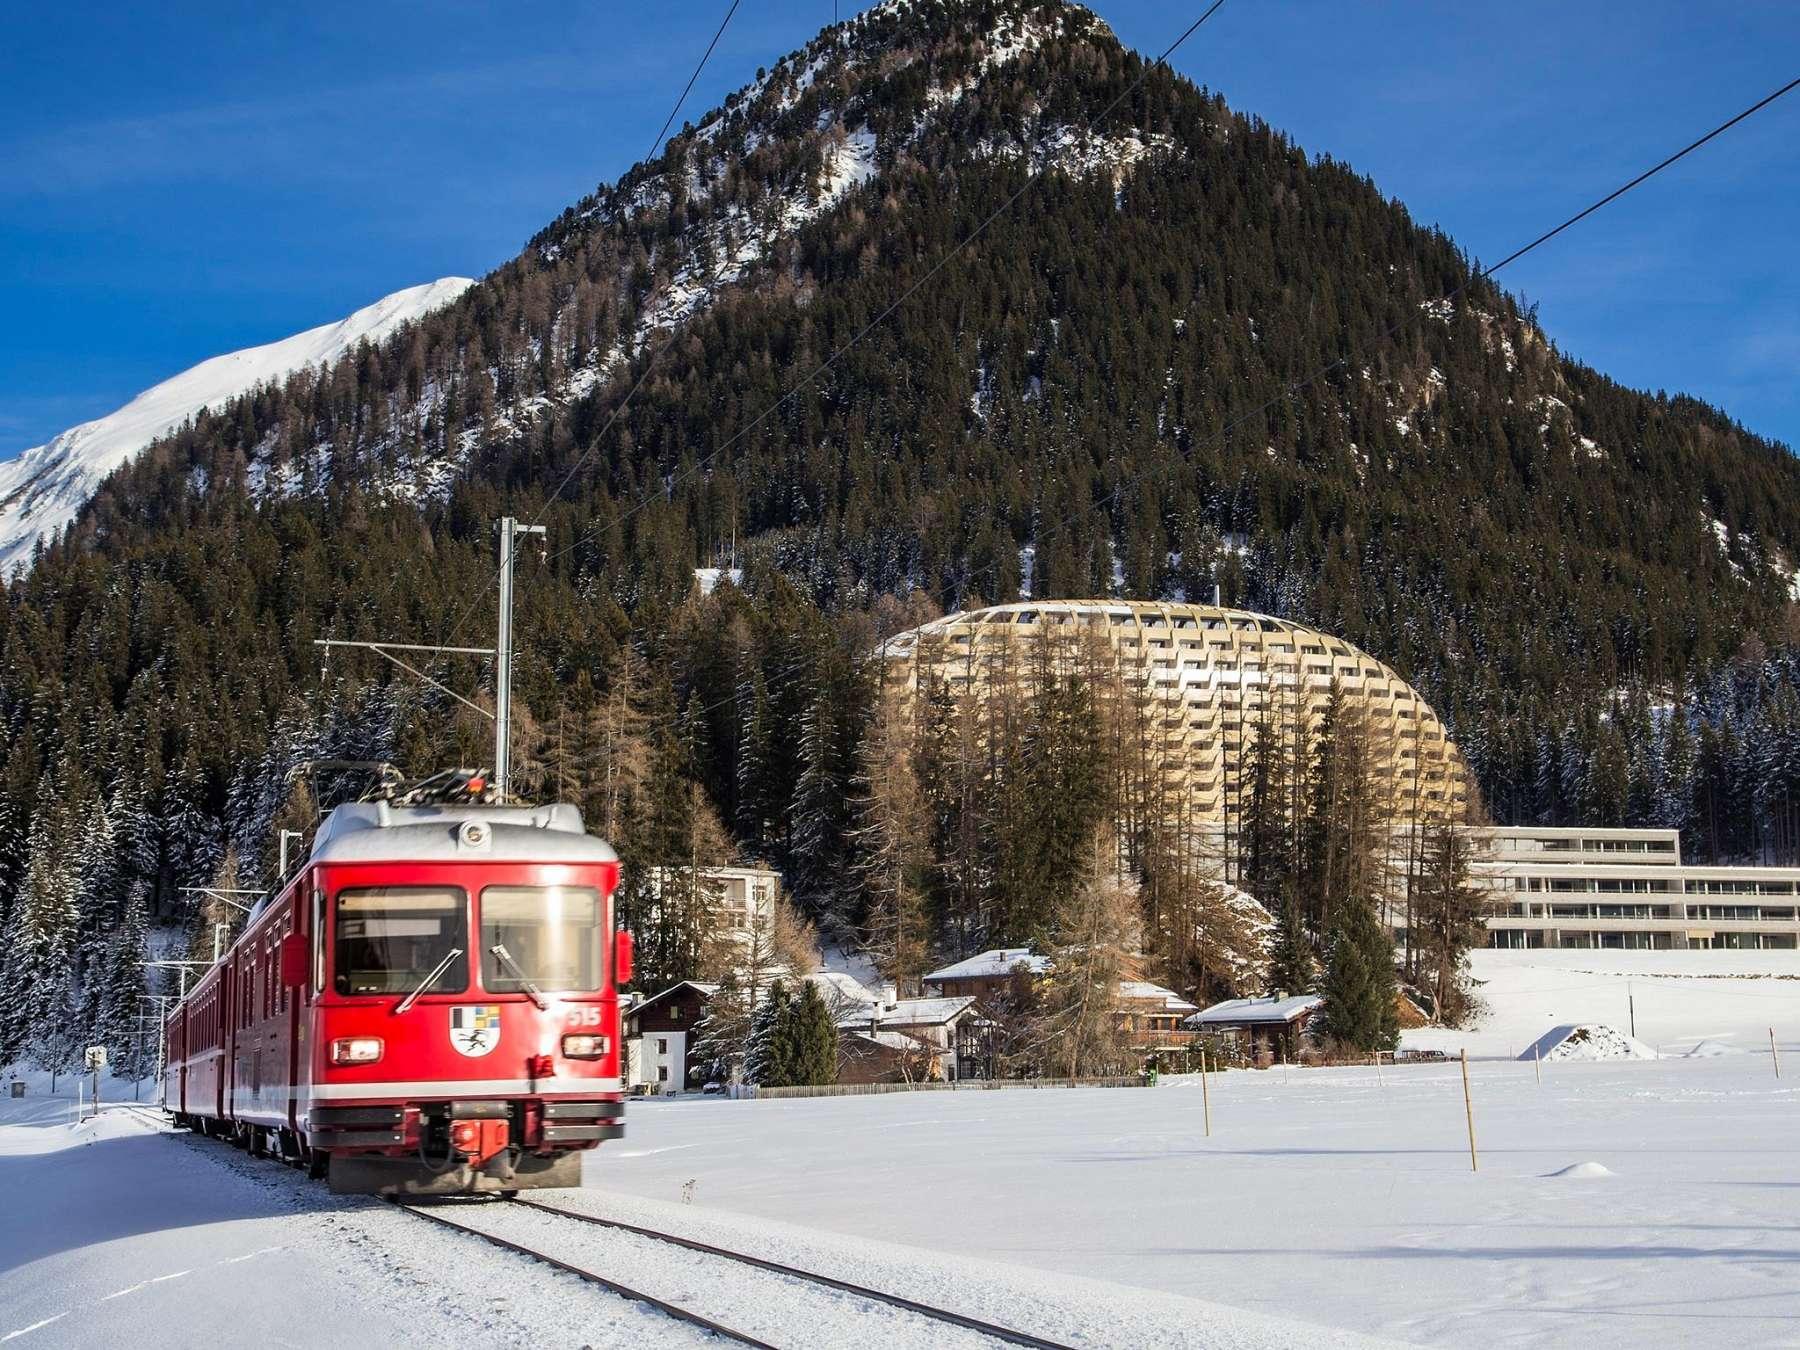 Trenino Rosso e Hotel Intercontinental a Davos - portfolio Marmi Valmalenco